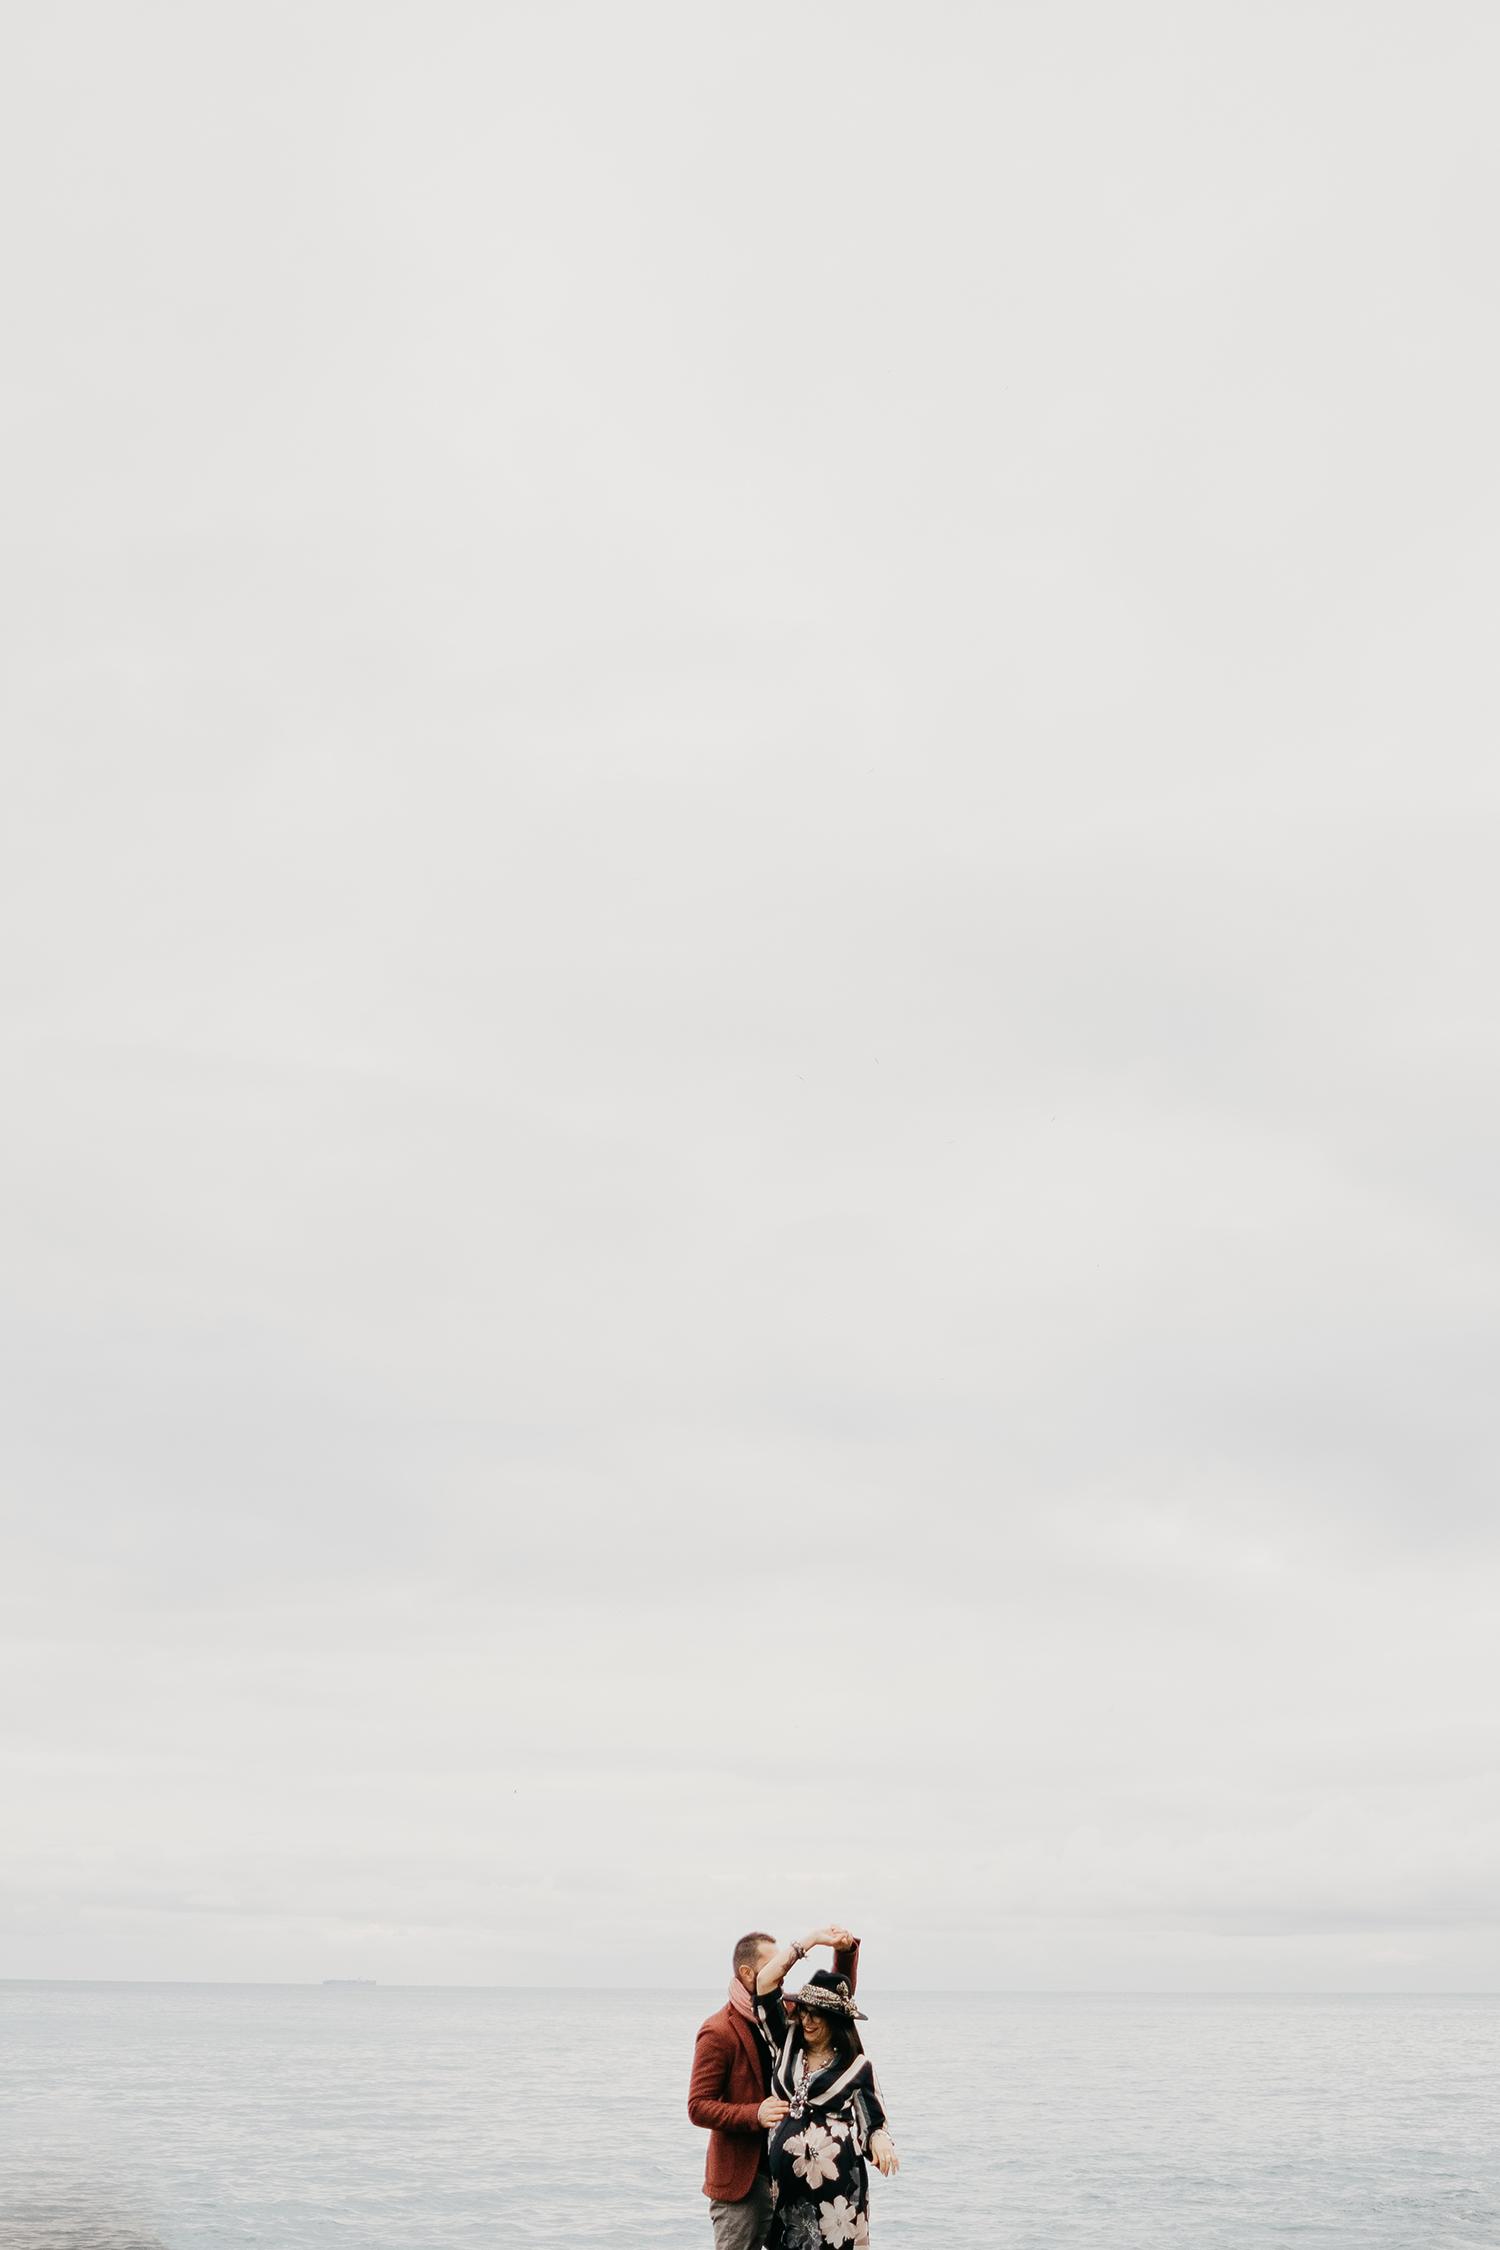 Rebecca Rinaldi fotografia gravidanza e maternità. Servizio fotografico gravidanza a Camogli, Genova. Coppia balla sul molo.